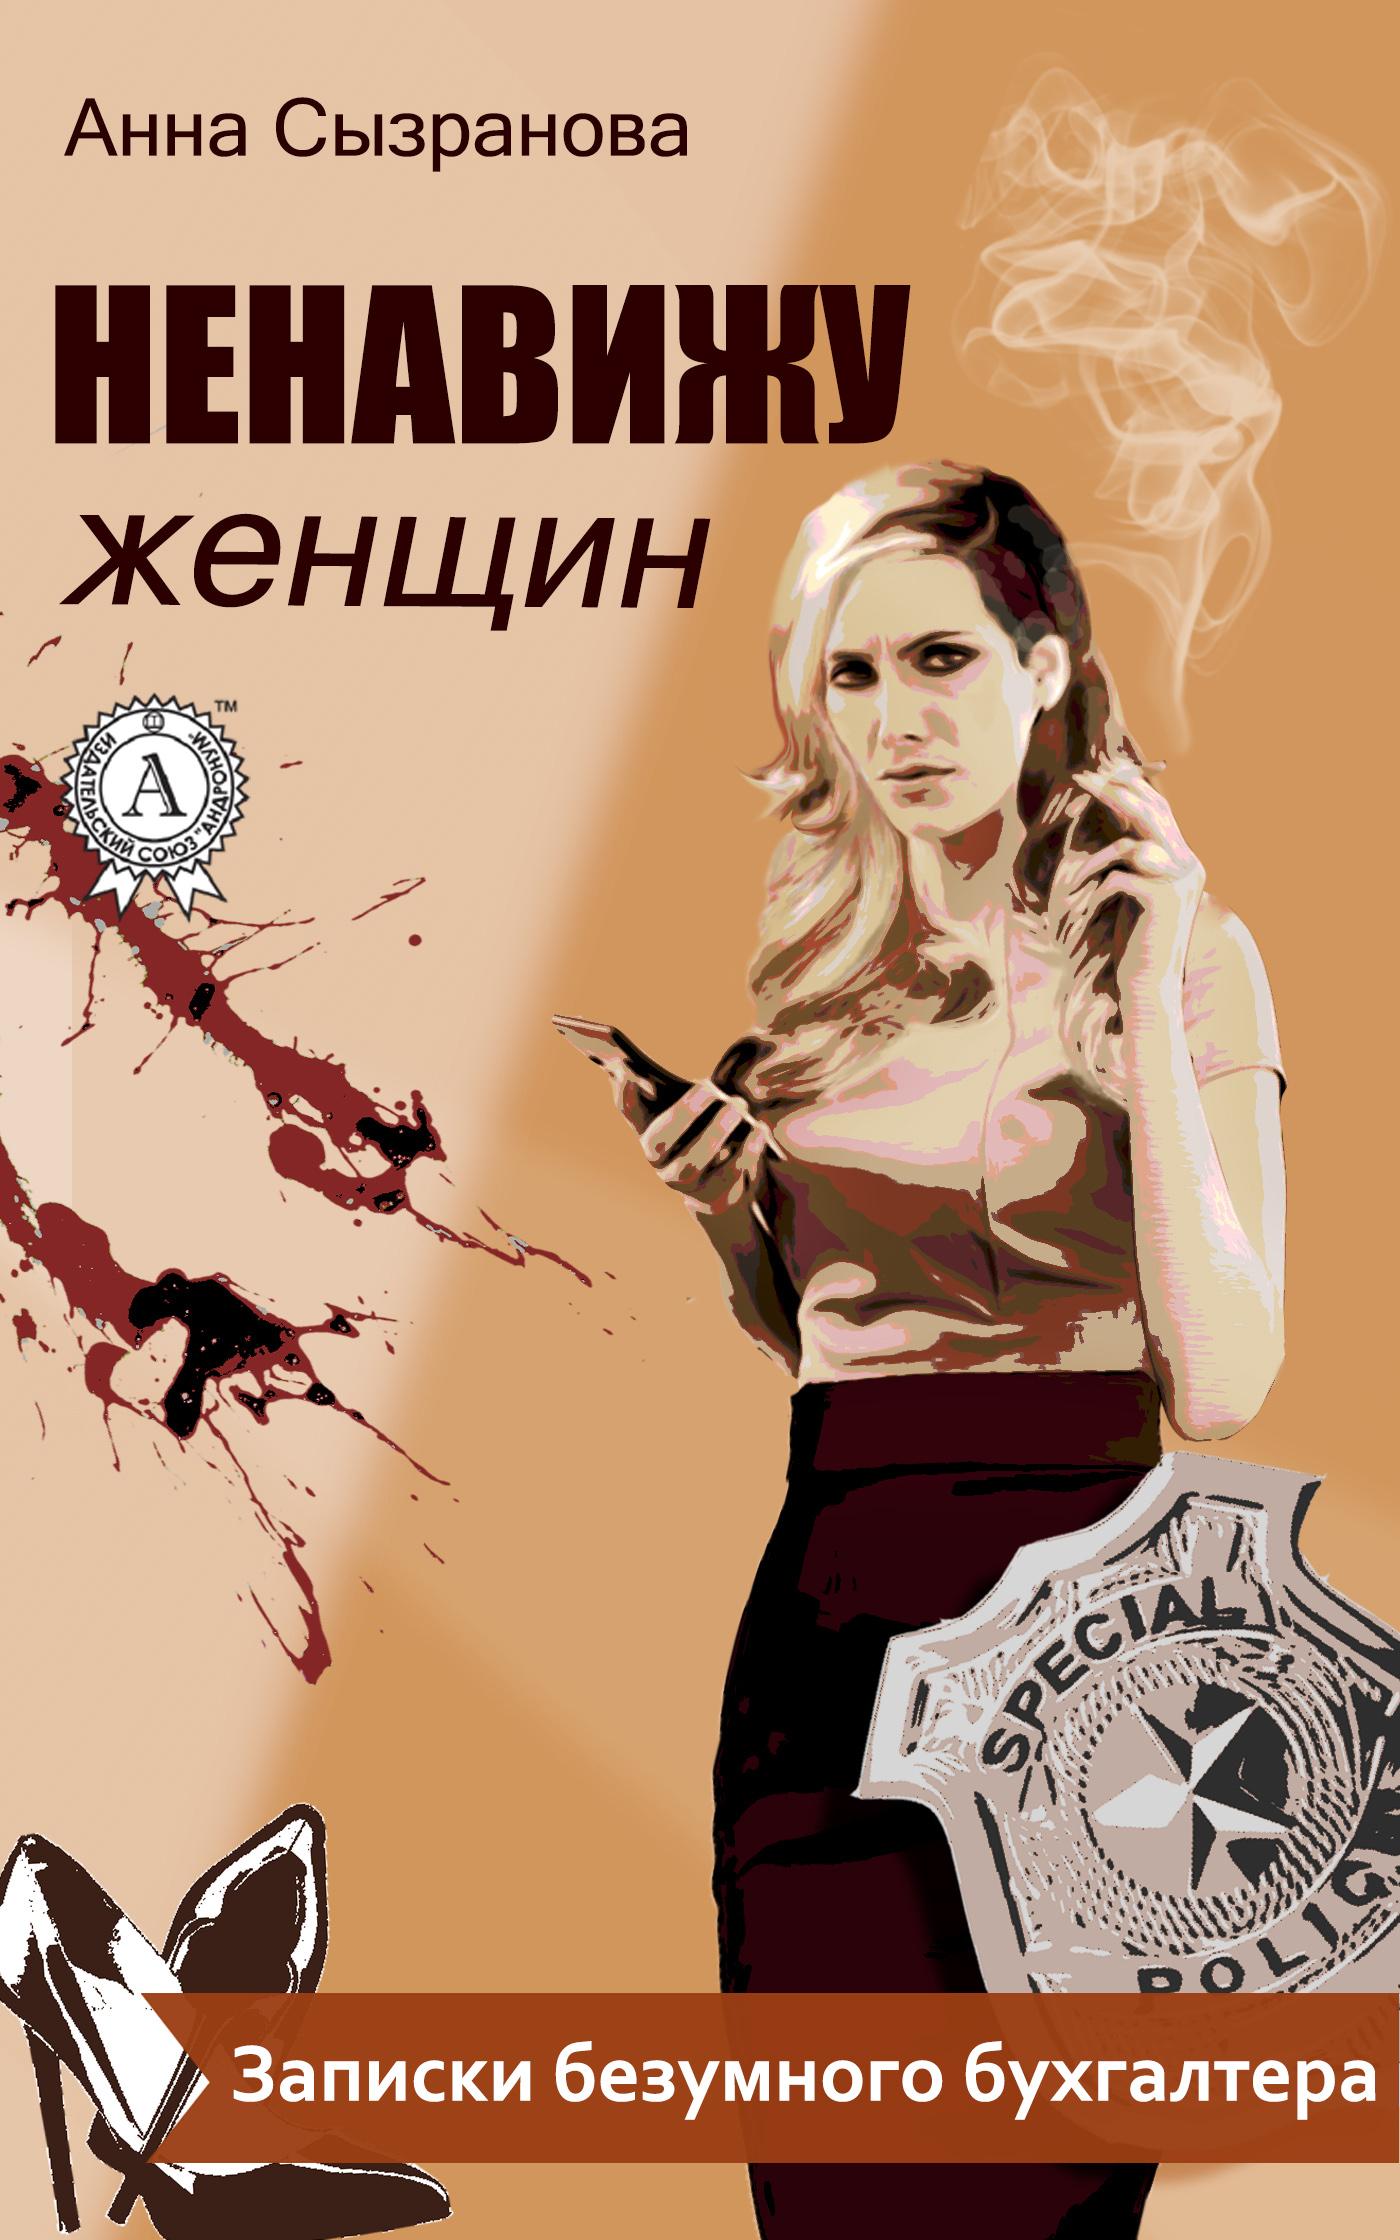 Ольга Хохлова Хочет Секса – Бешеная (2007)